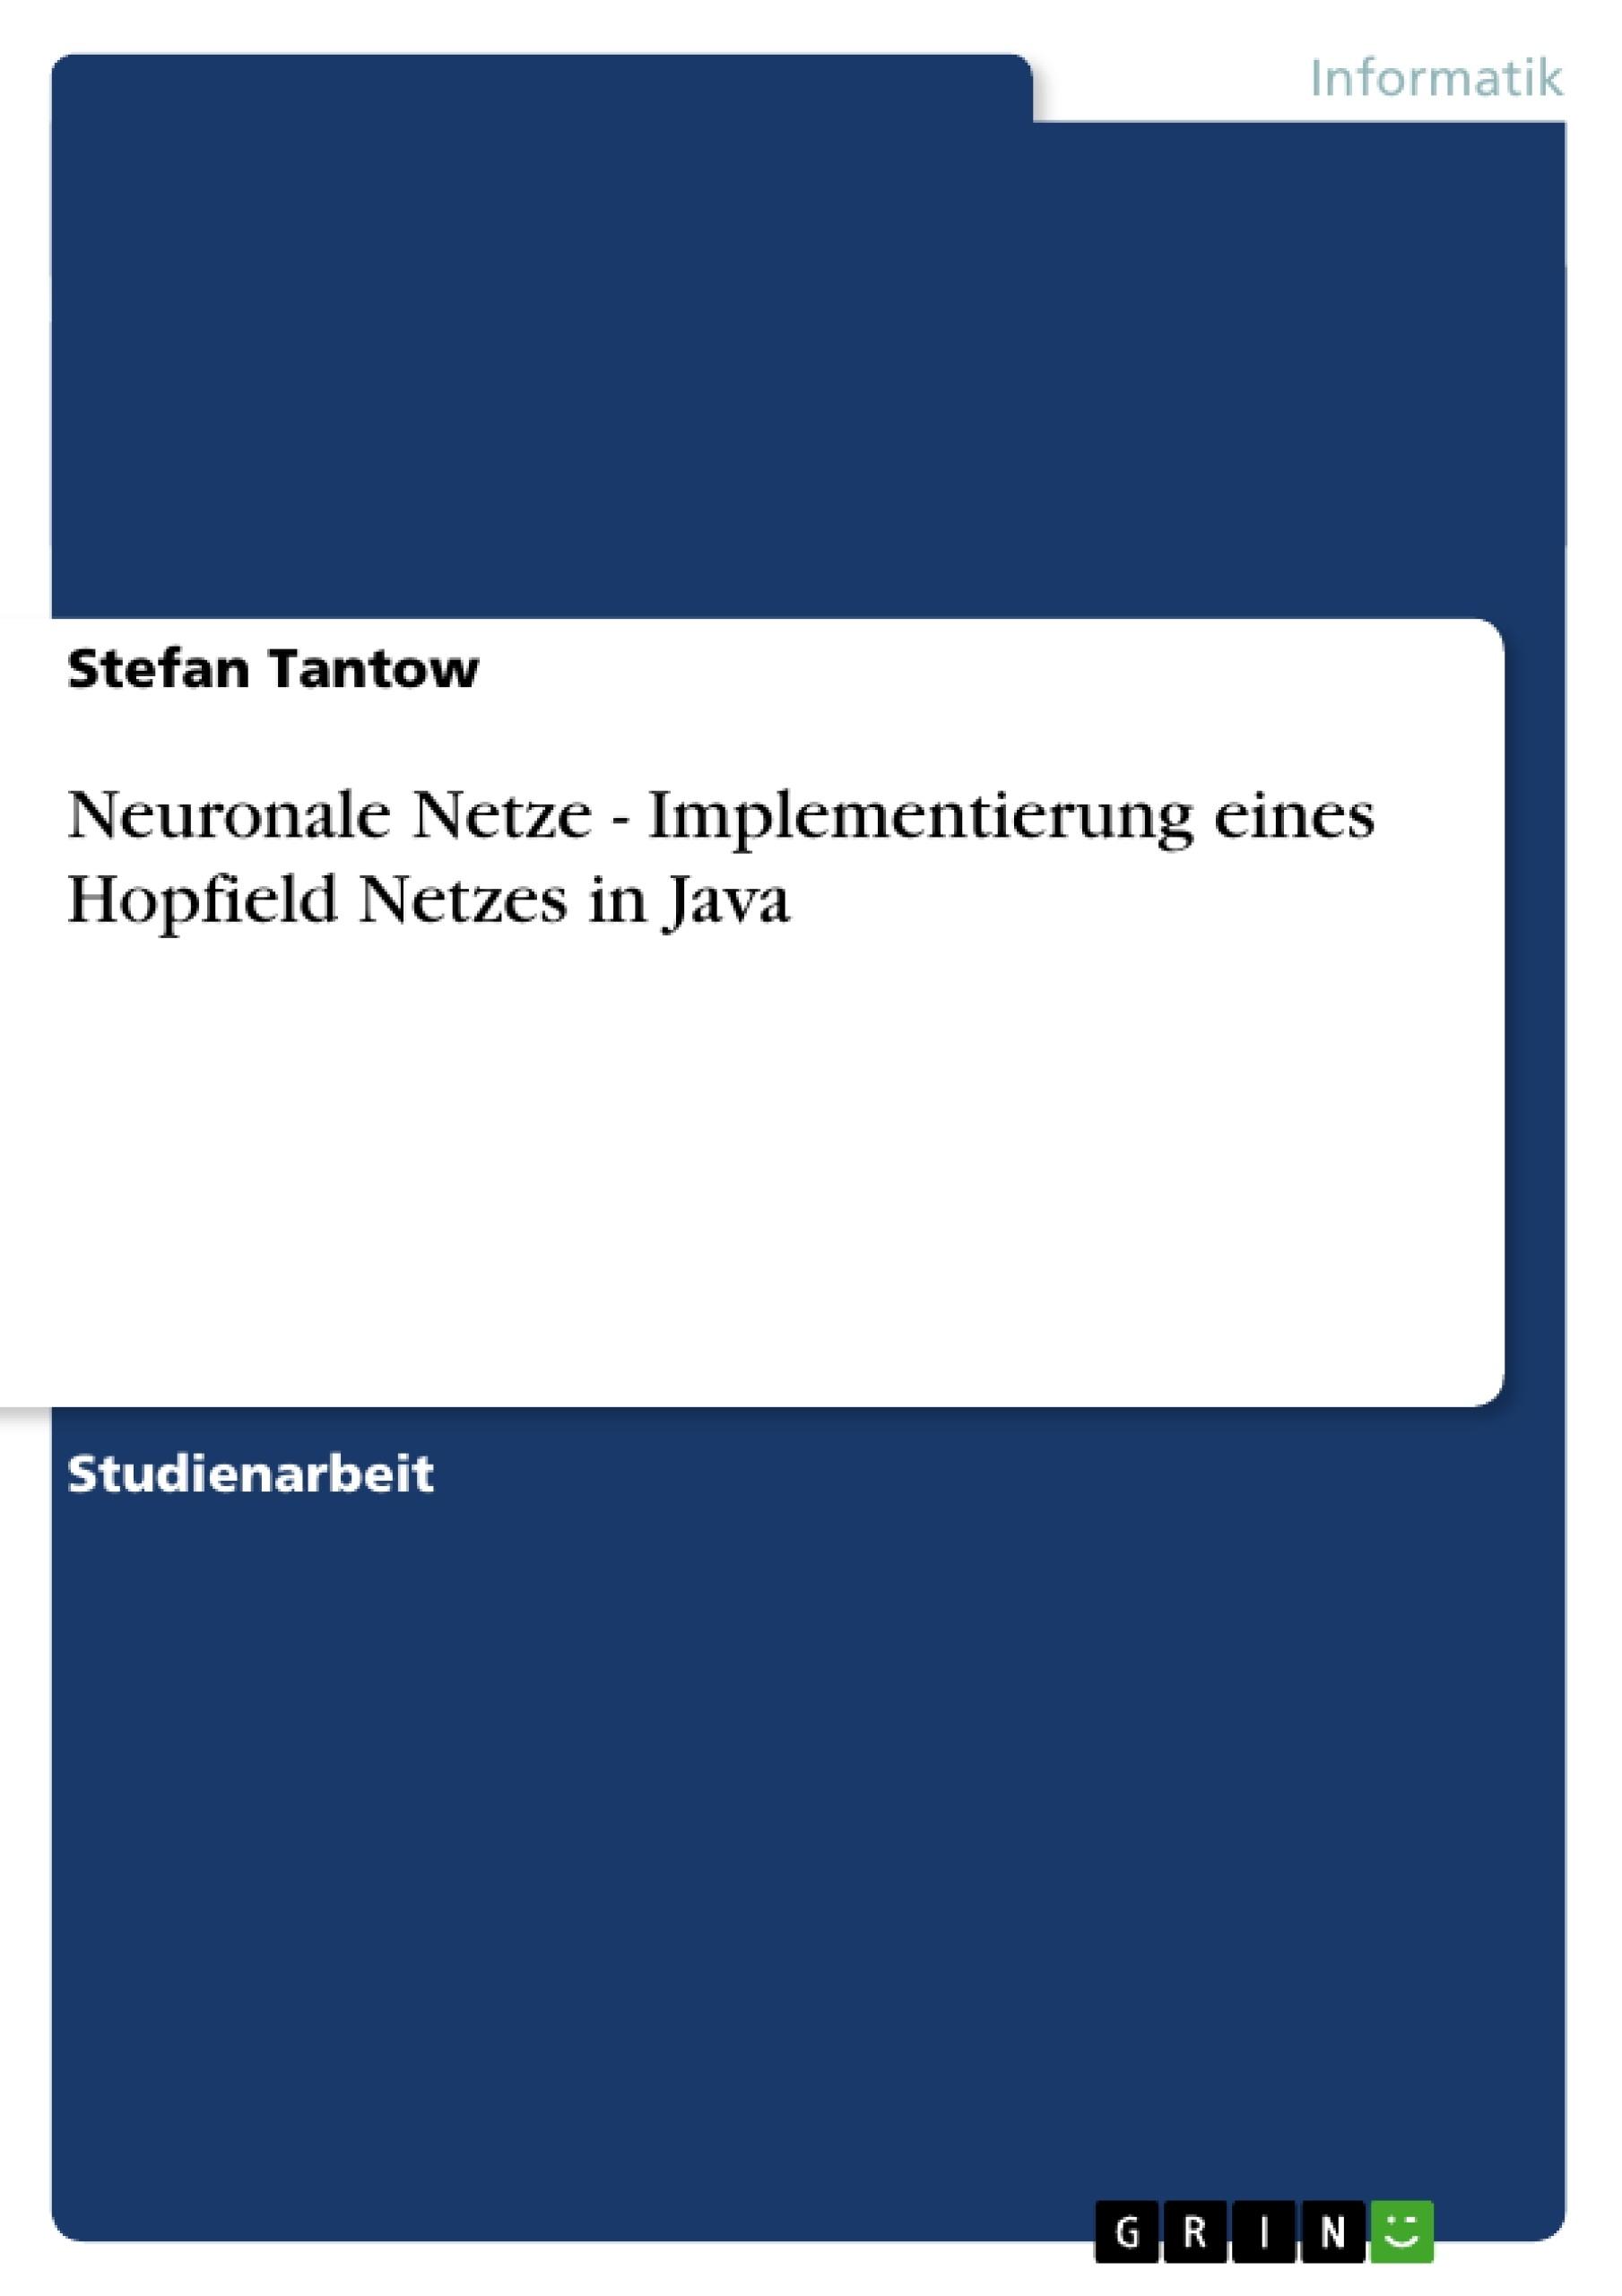 Titel: Neuronale Netze - Implementierung eines Hopfield Netzes in Java